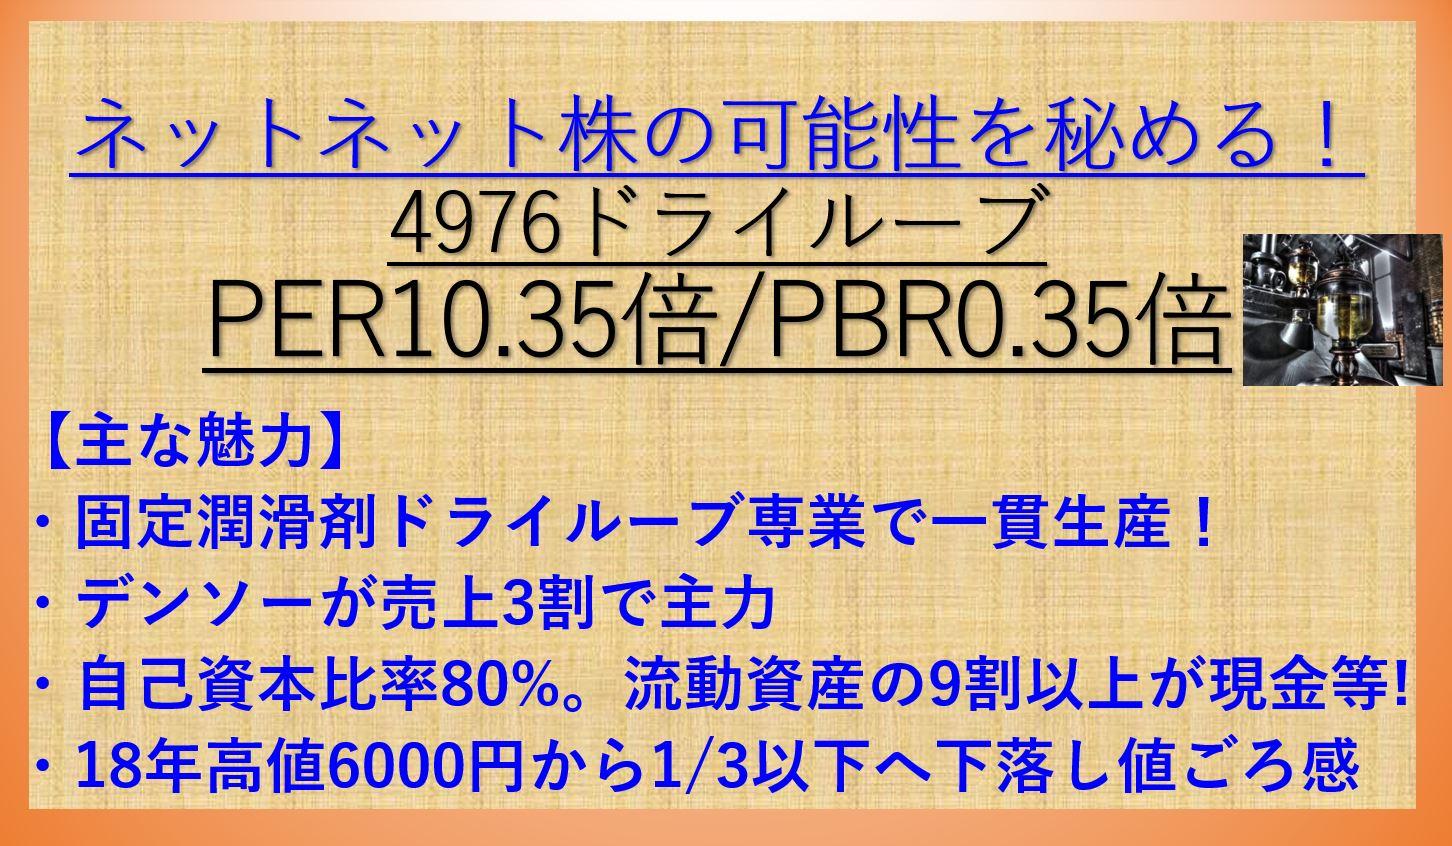 4976-ドライルーブ